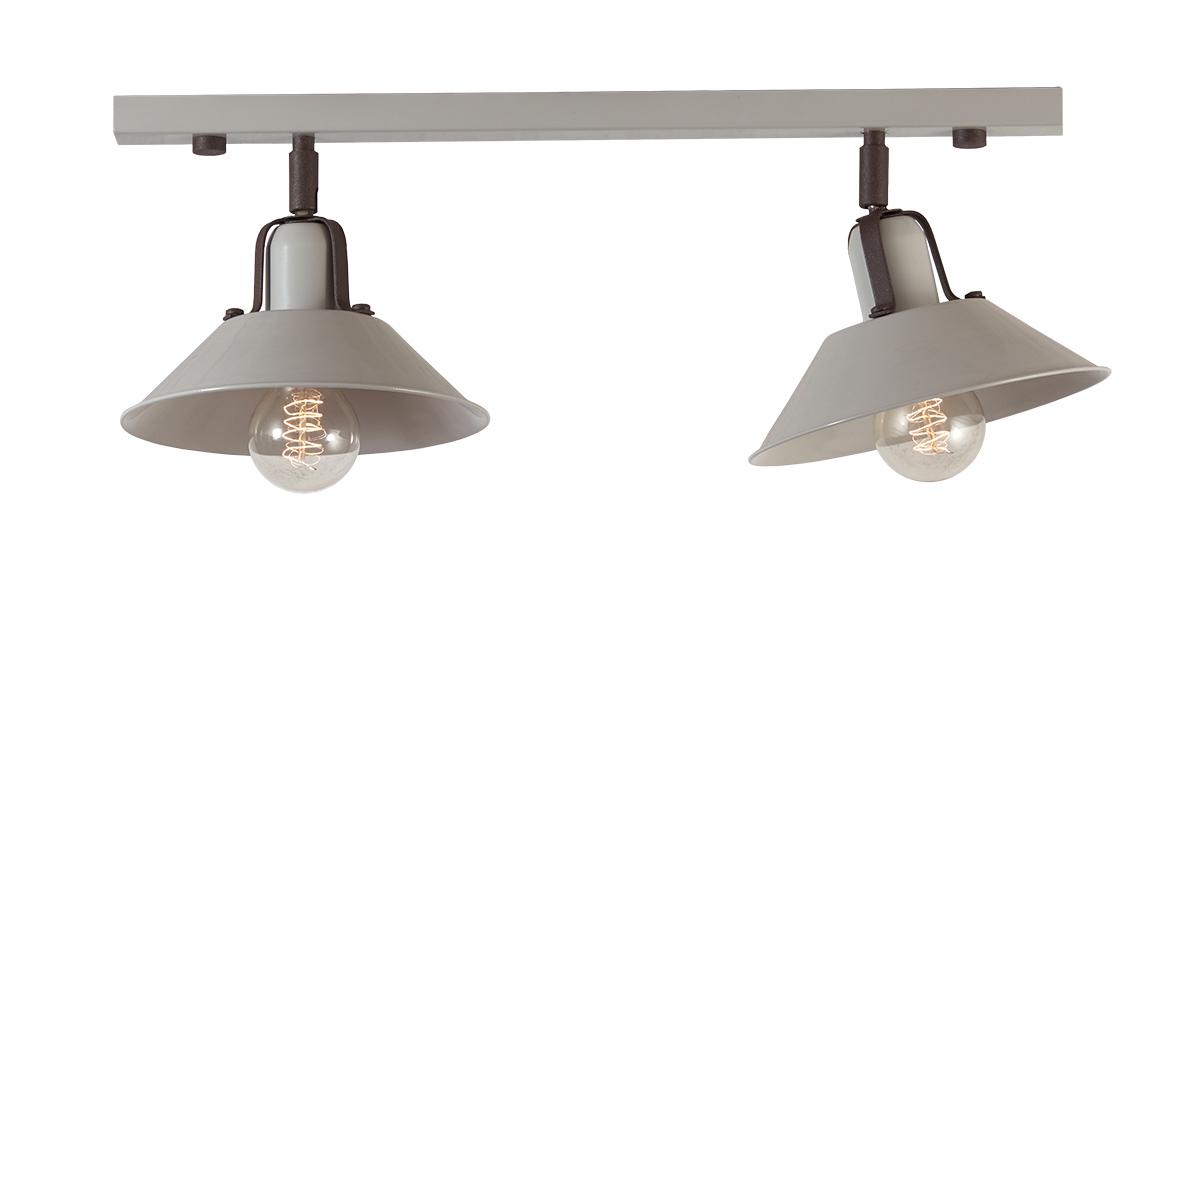 2φωτη ράγα οροφής ΜΗΛΟΣ 2-bulb rail lighting